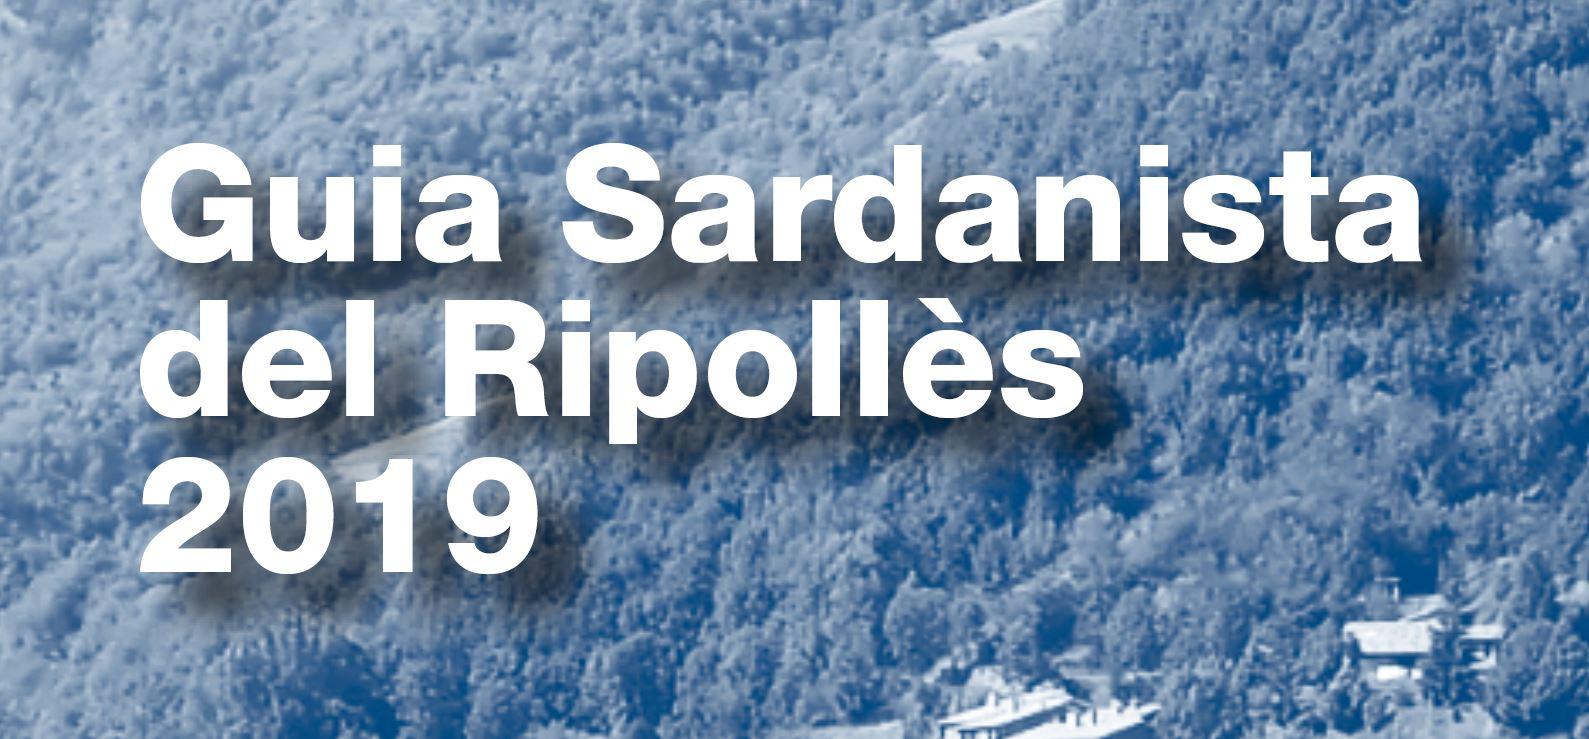 guia-sardanista-ripolles-2019